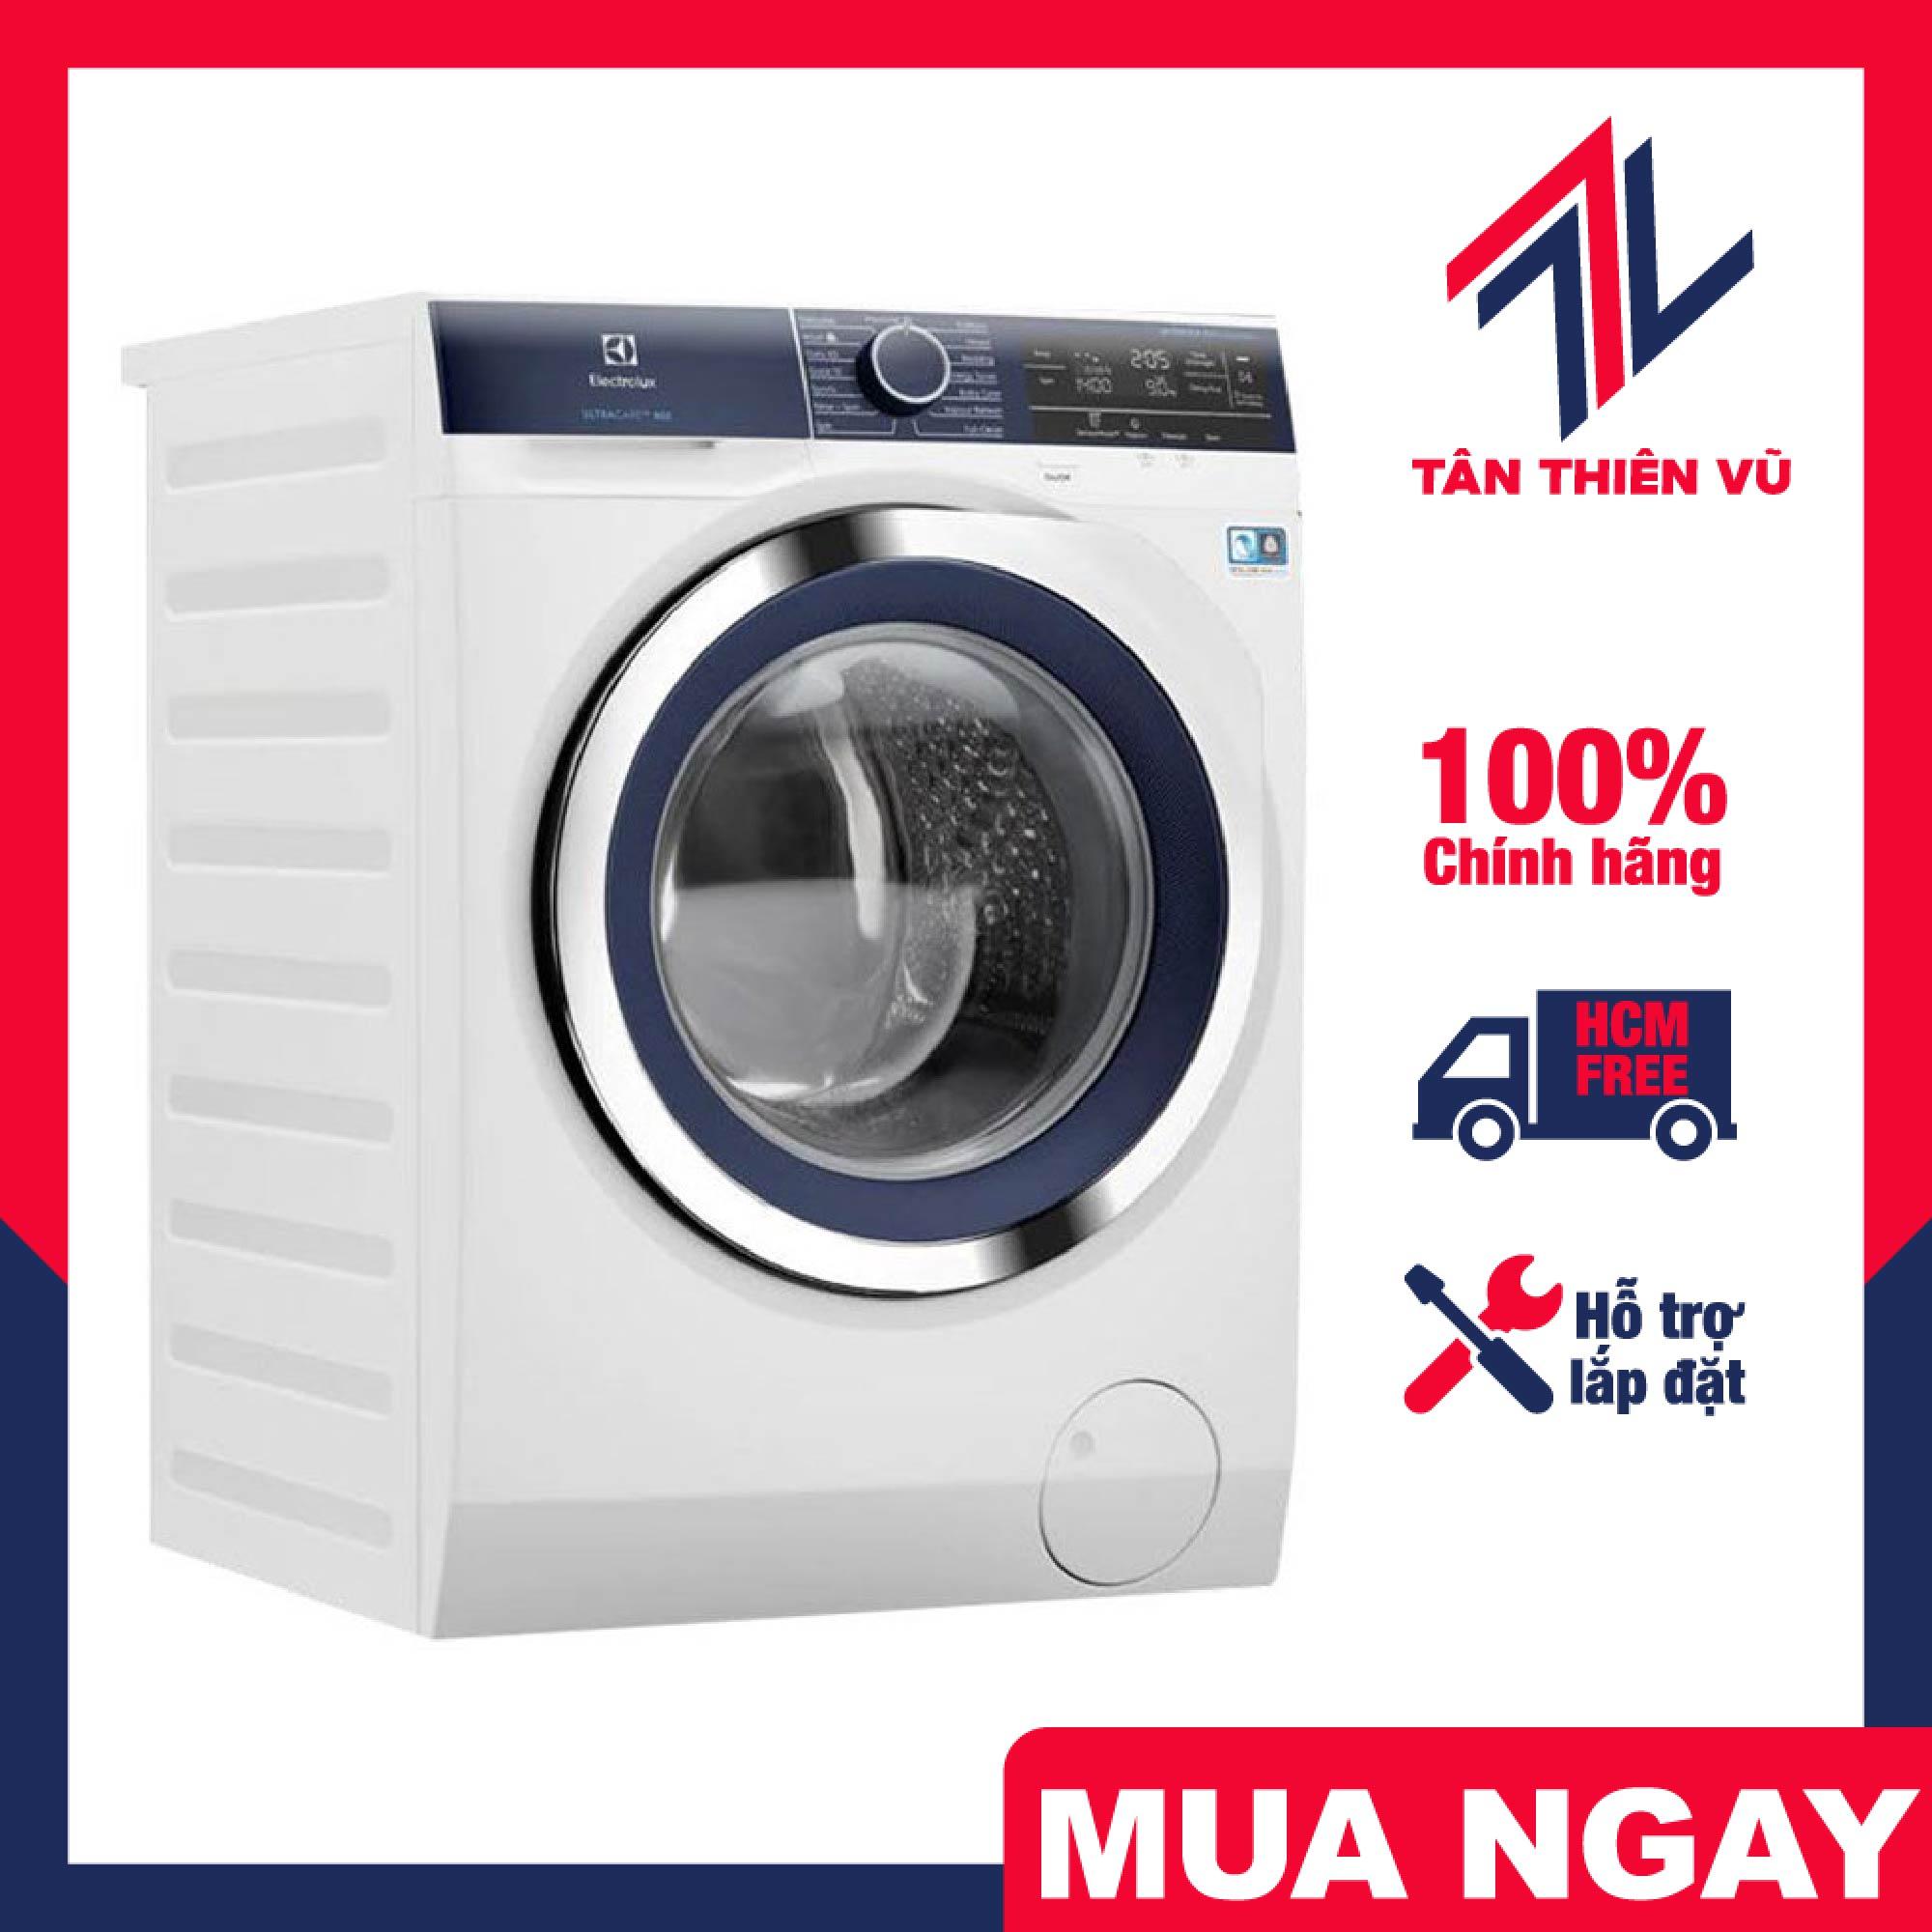 Trả góp 0% - Máy giặt Electrolux EWF9023BDWA 9.0kg inverter, 100% chính hãng, hỗ trợ lắp đặt tận nhà, miễn phí giao hàng khu vực HCM - Miễn phí vận chuyển HCM